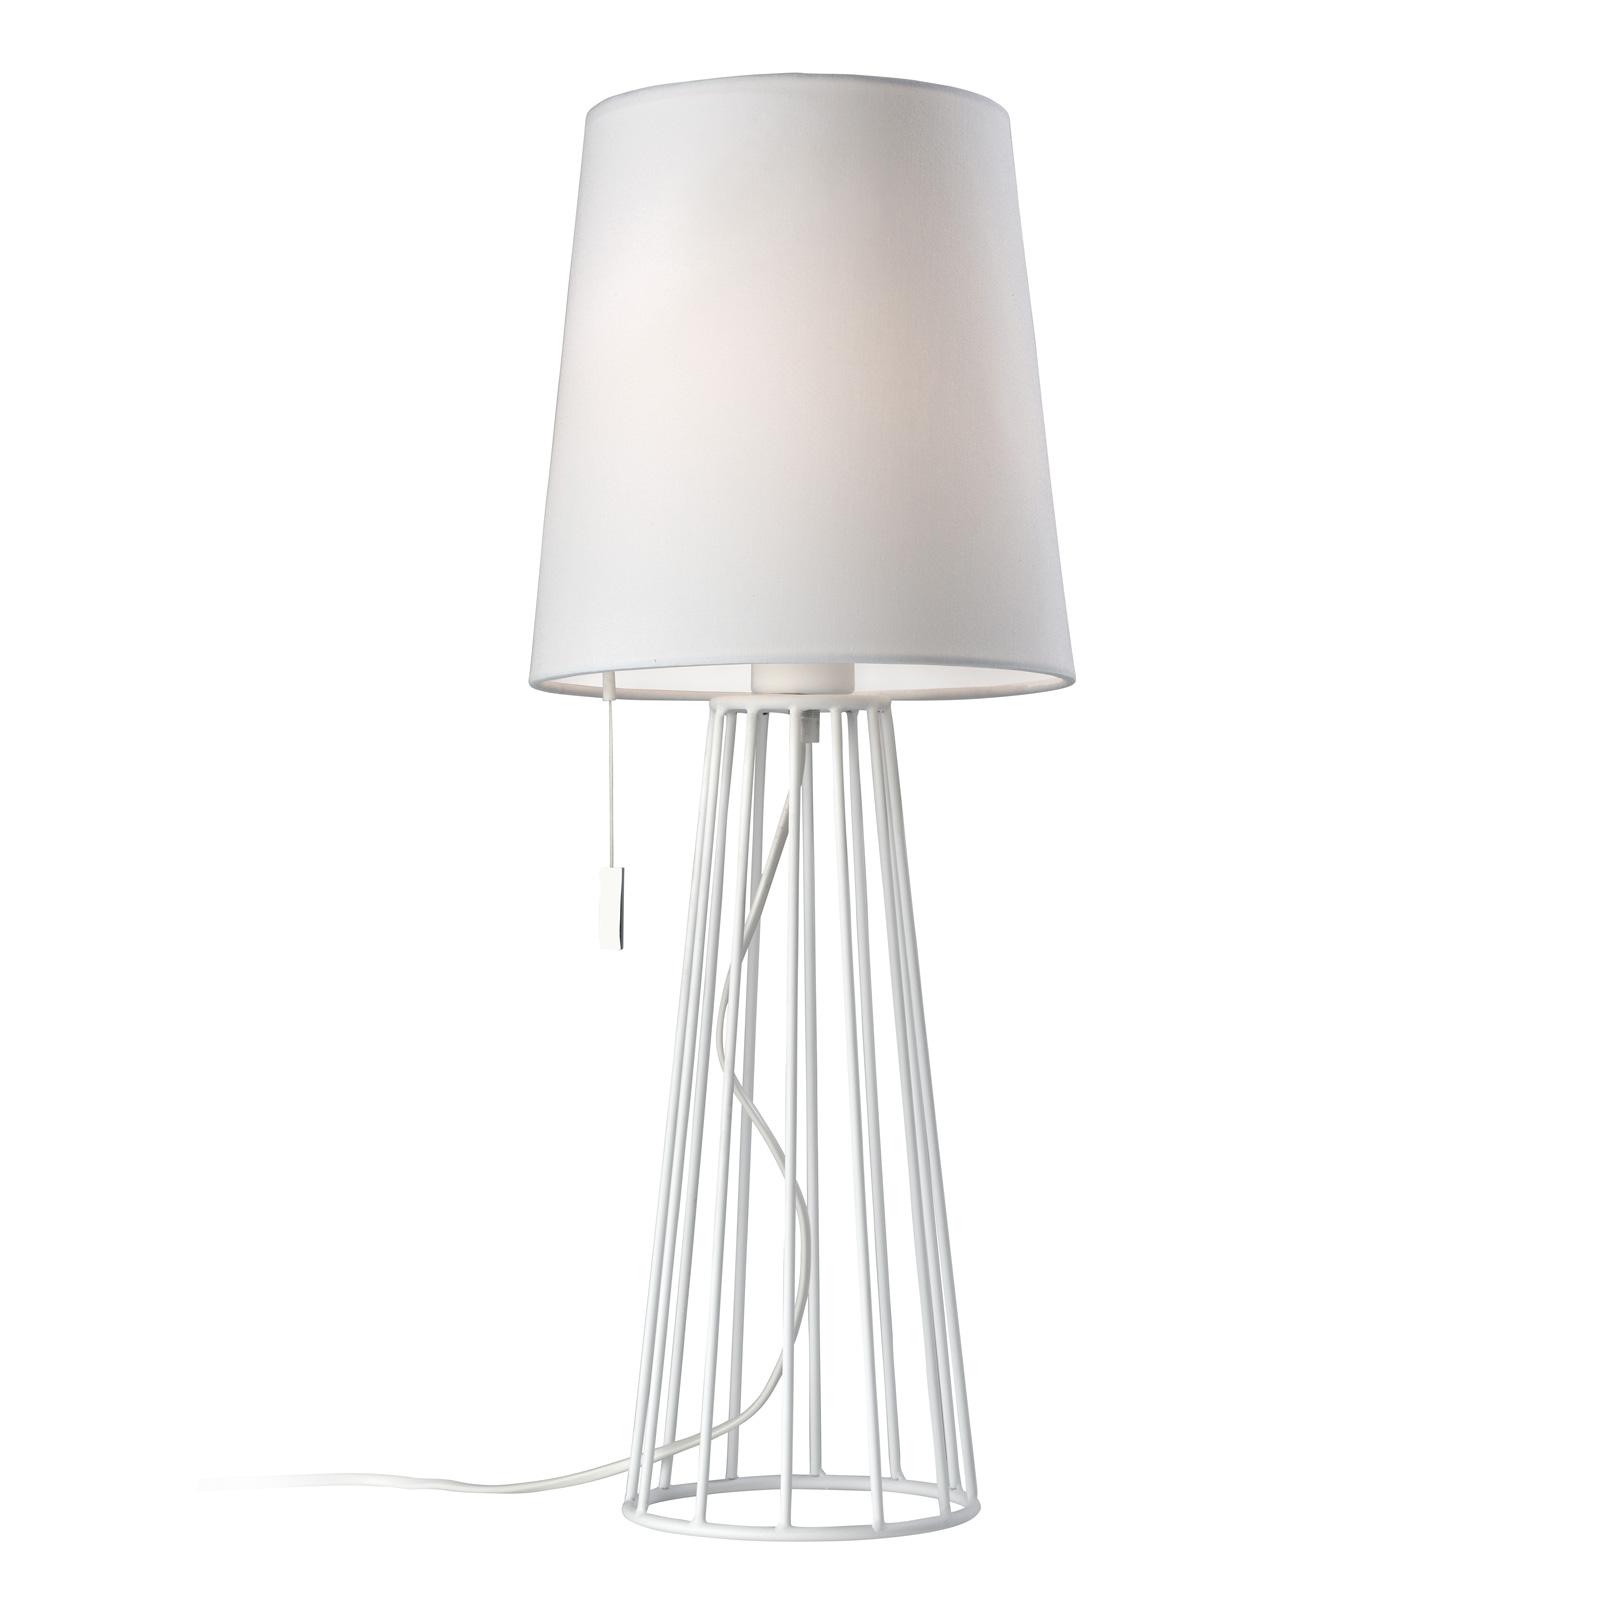 Villeroy & Boch Mailand Tischlampe in Weiß